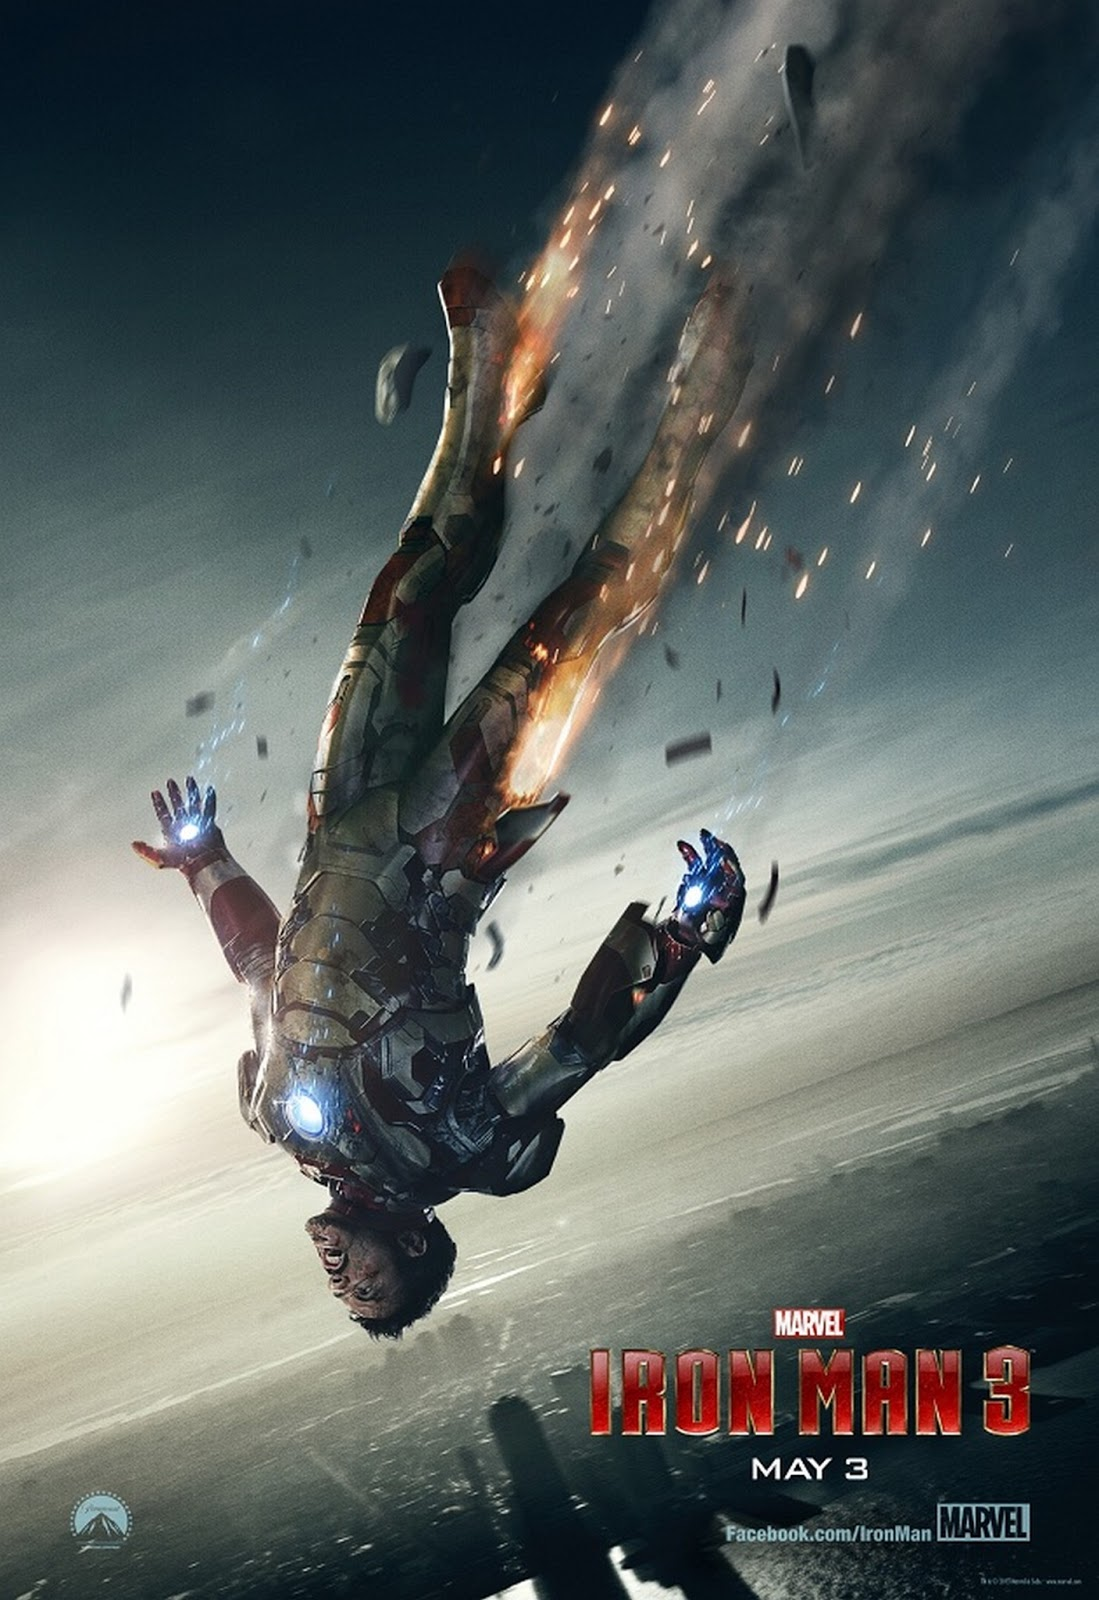 iron man 3 : extrait de la nouvelle bande-annonce diffusée pendant